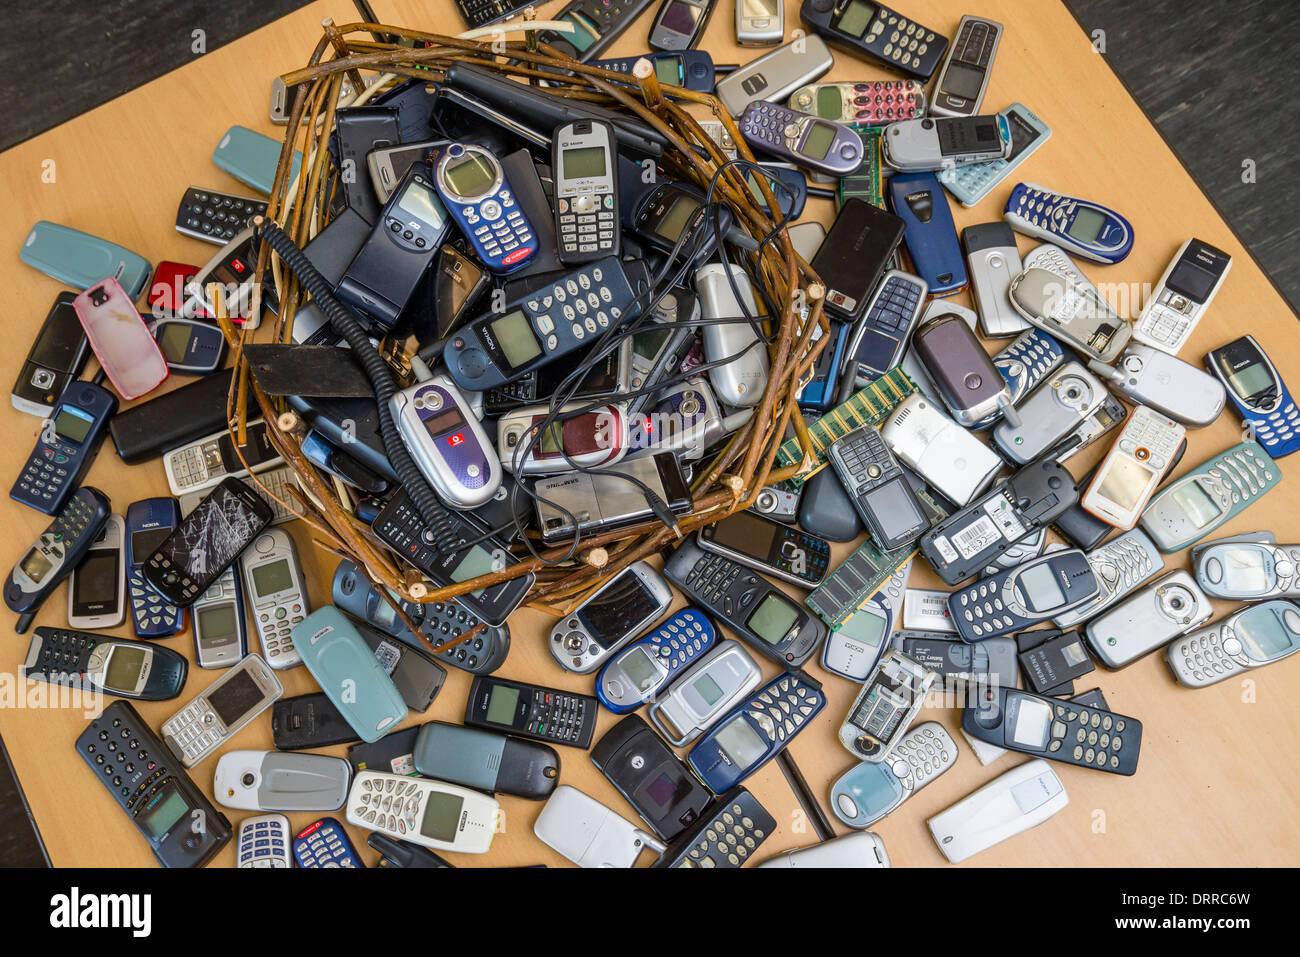 Teléfonos móviles desechados se acuesta sobre una mesa. Imagen De Stock